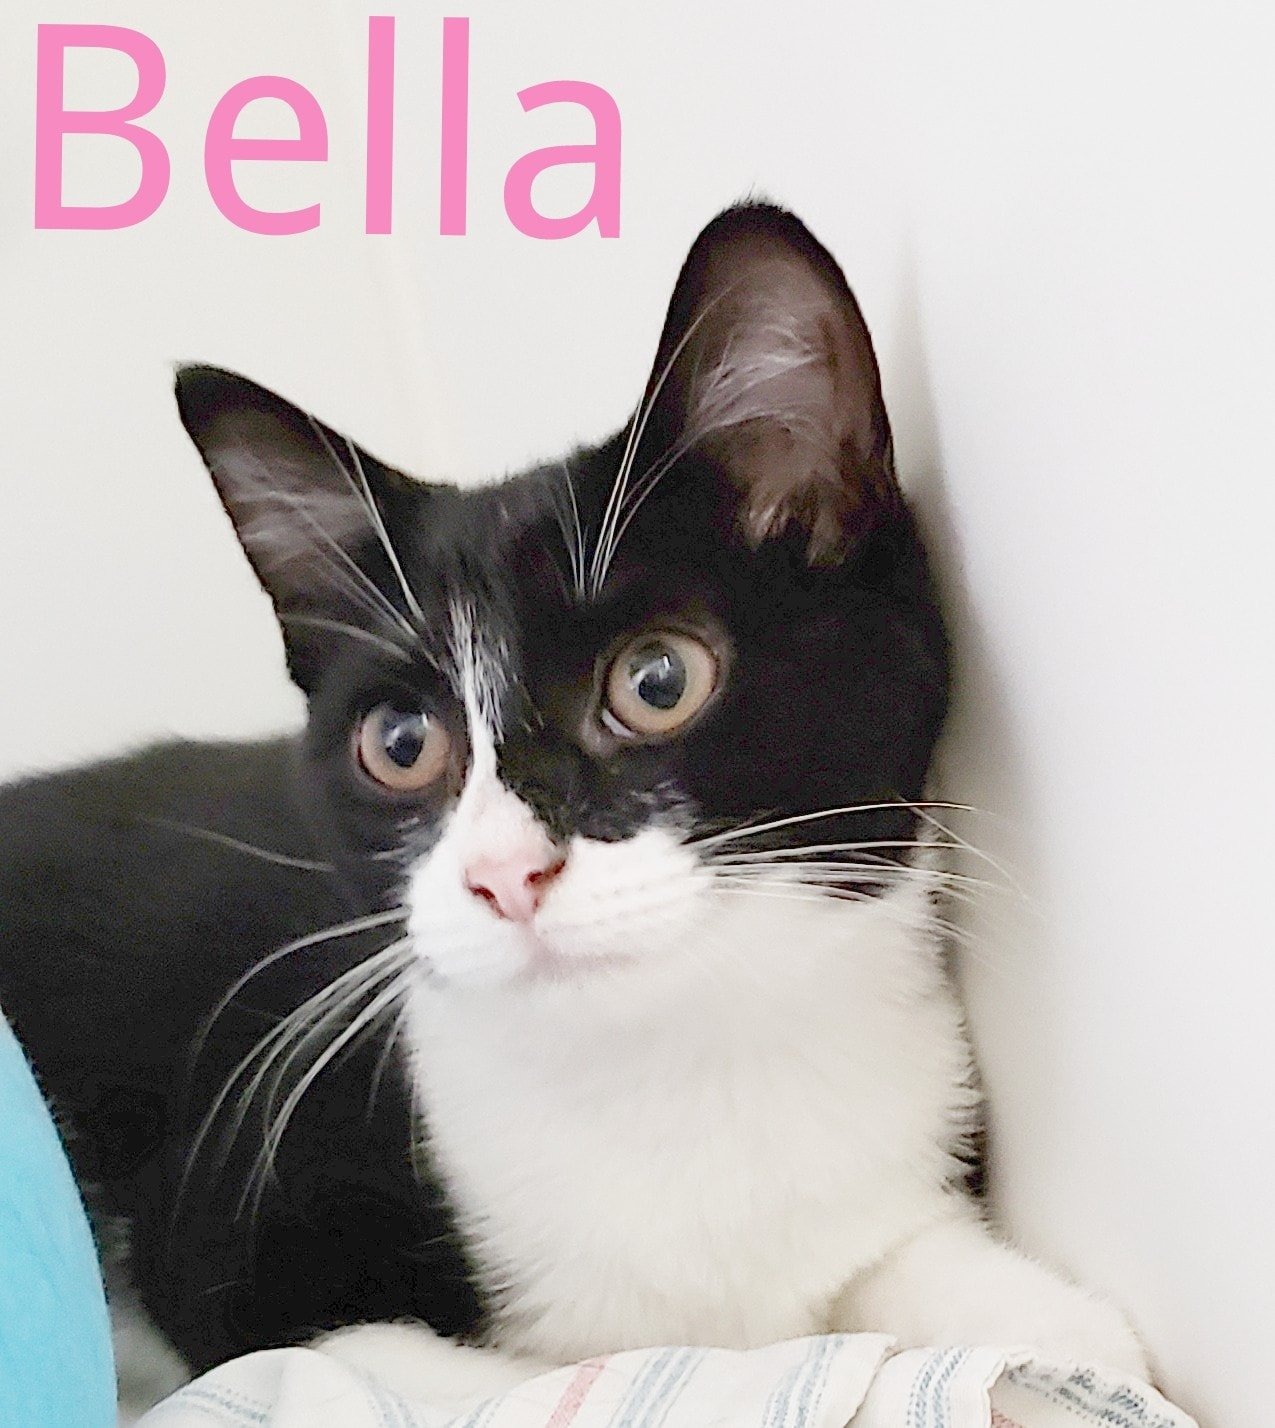 Bella-Female-Born in April 2021